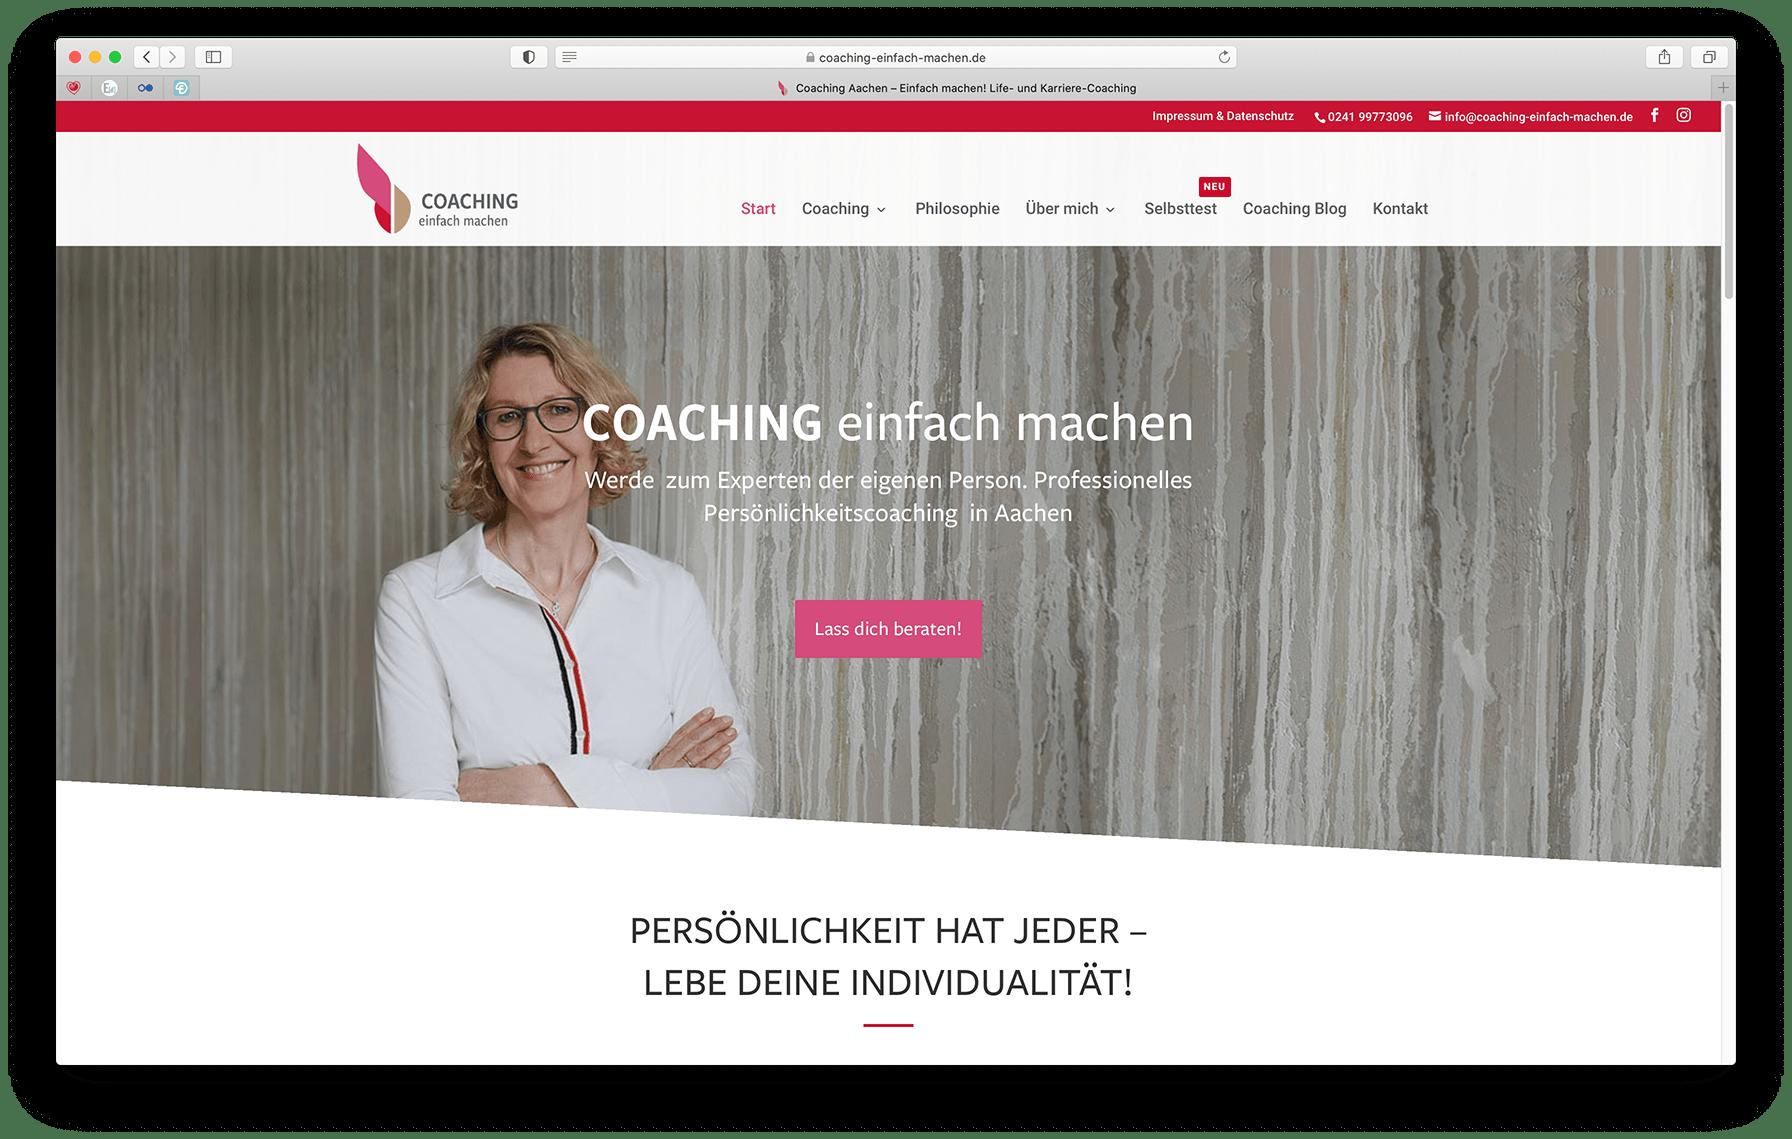 Preise Webseiten, Coaching einfach machen - Elementardesign